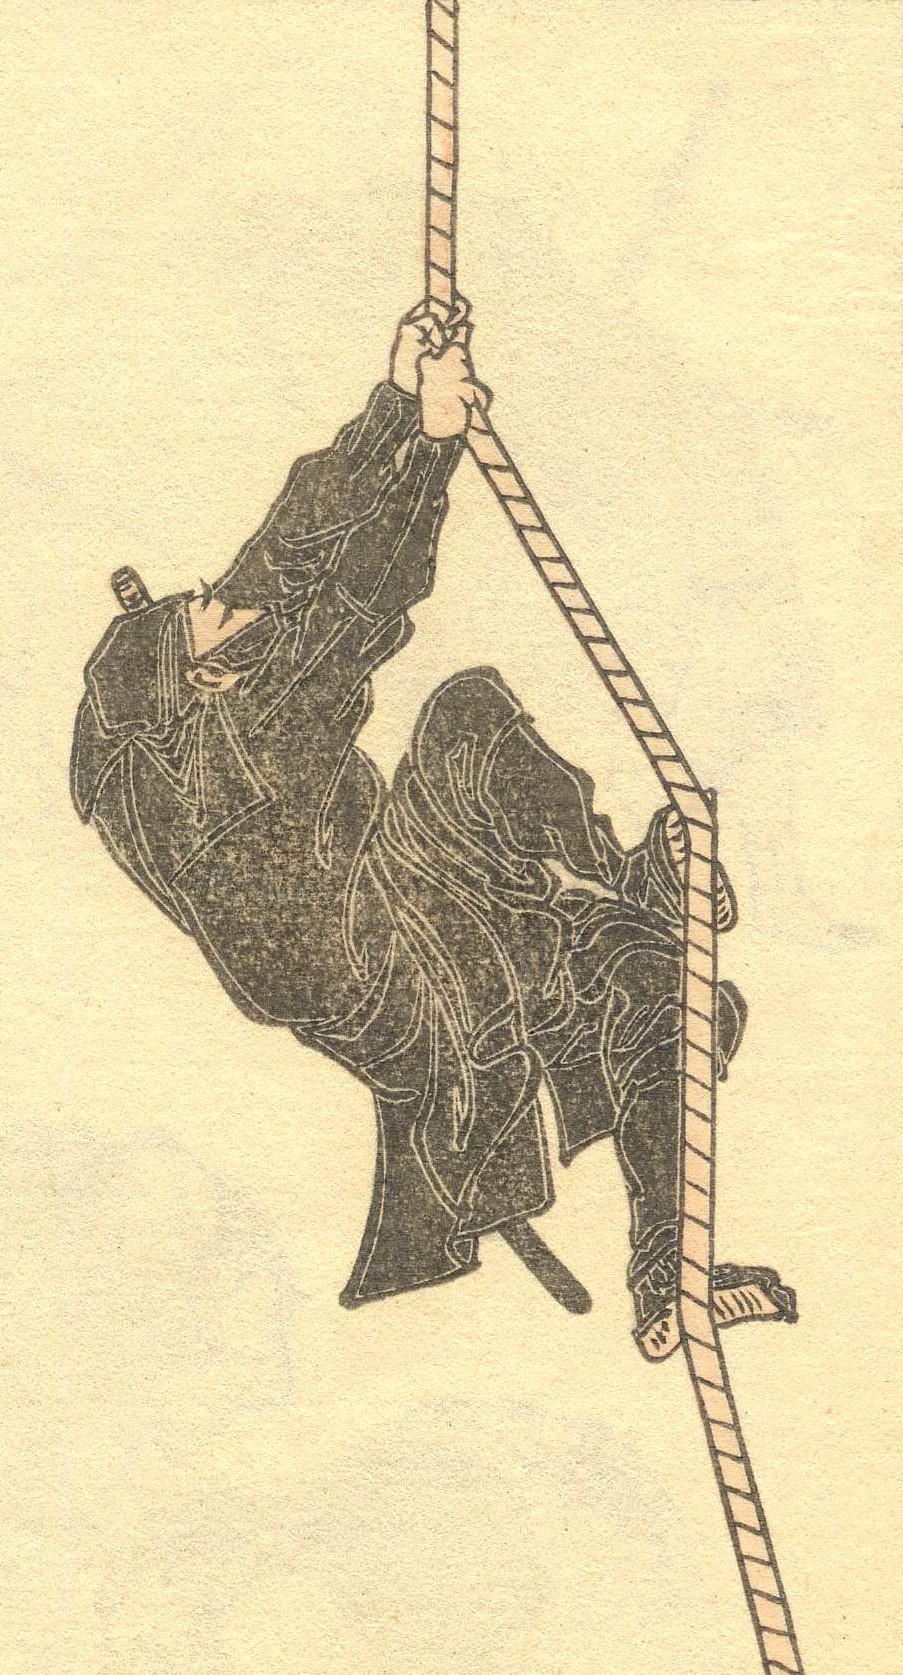 Dessin du ninja archétypique, à partir d'une série d'esquisses. Manga d'Hokusai. Volume six, 1817.